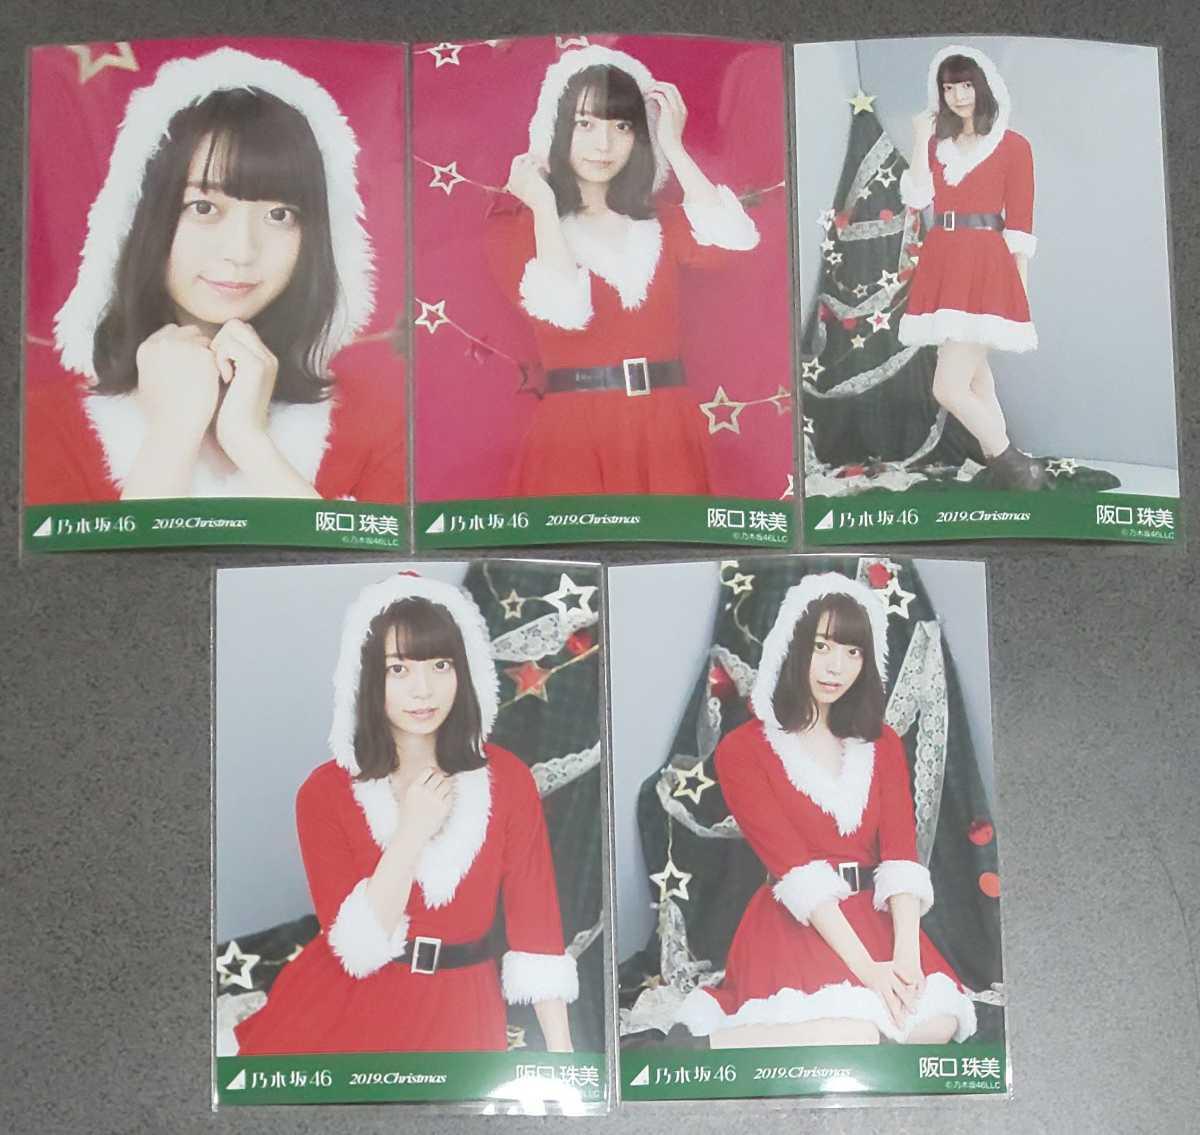 乃木坂46 阪口珠美 2019.Christmas Web限定 生写真 クリスマス サンタ